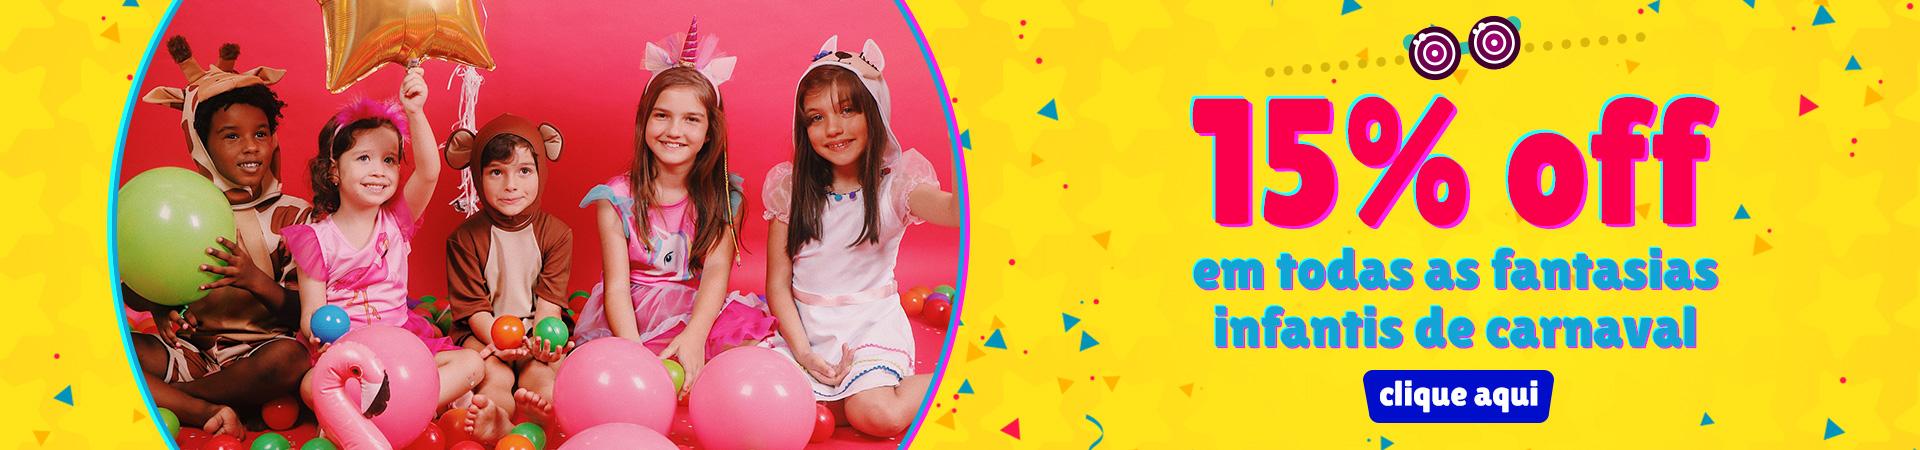 Infantil Carnaval - 15OFF